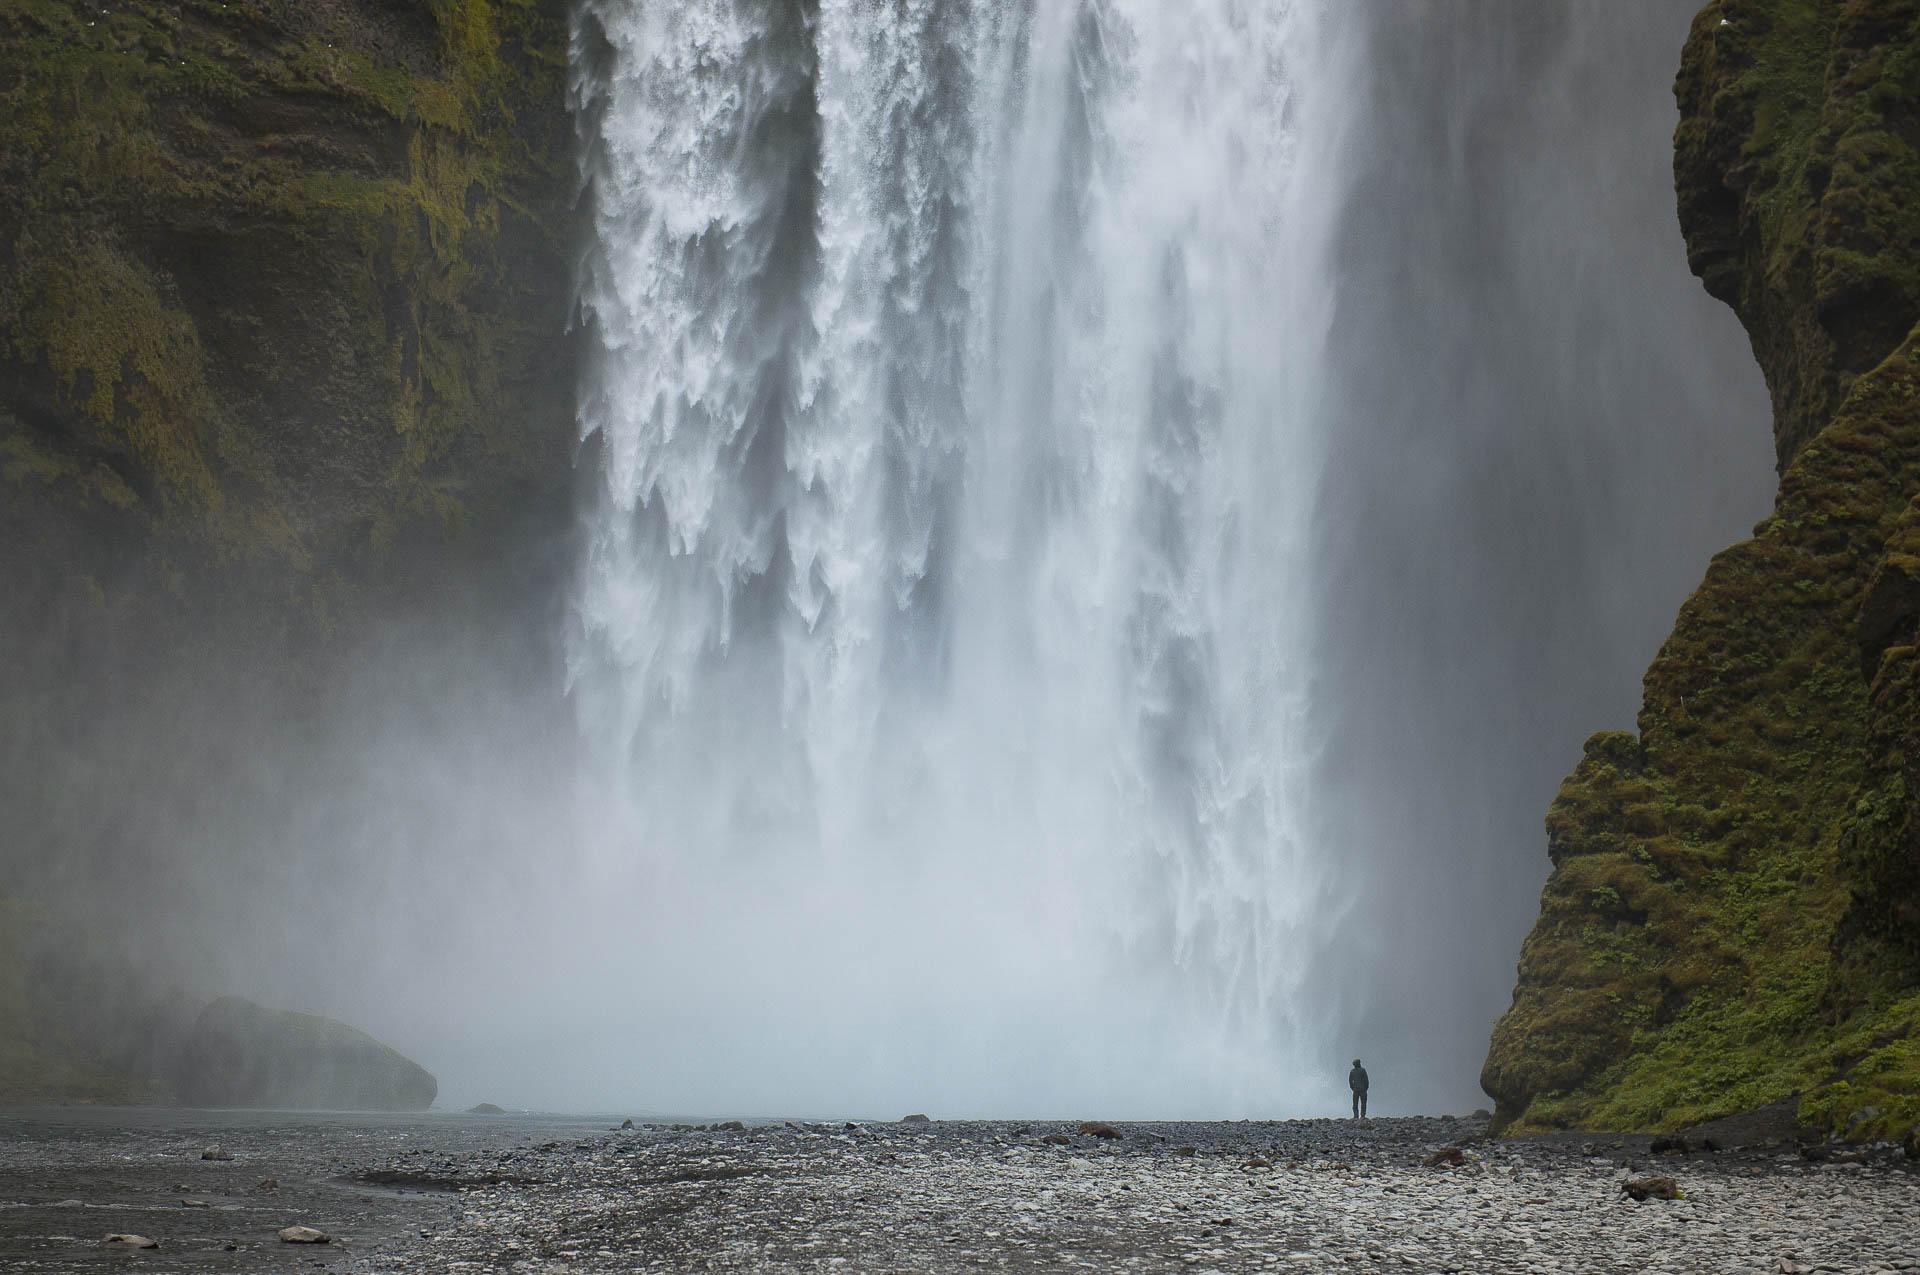 Foto Wasserfall Skógafoss mit einem Menschen - Fotostory Island von Redeleit und Junker